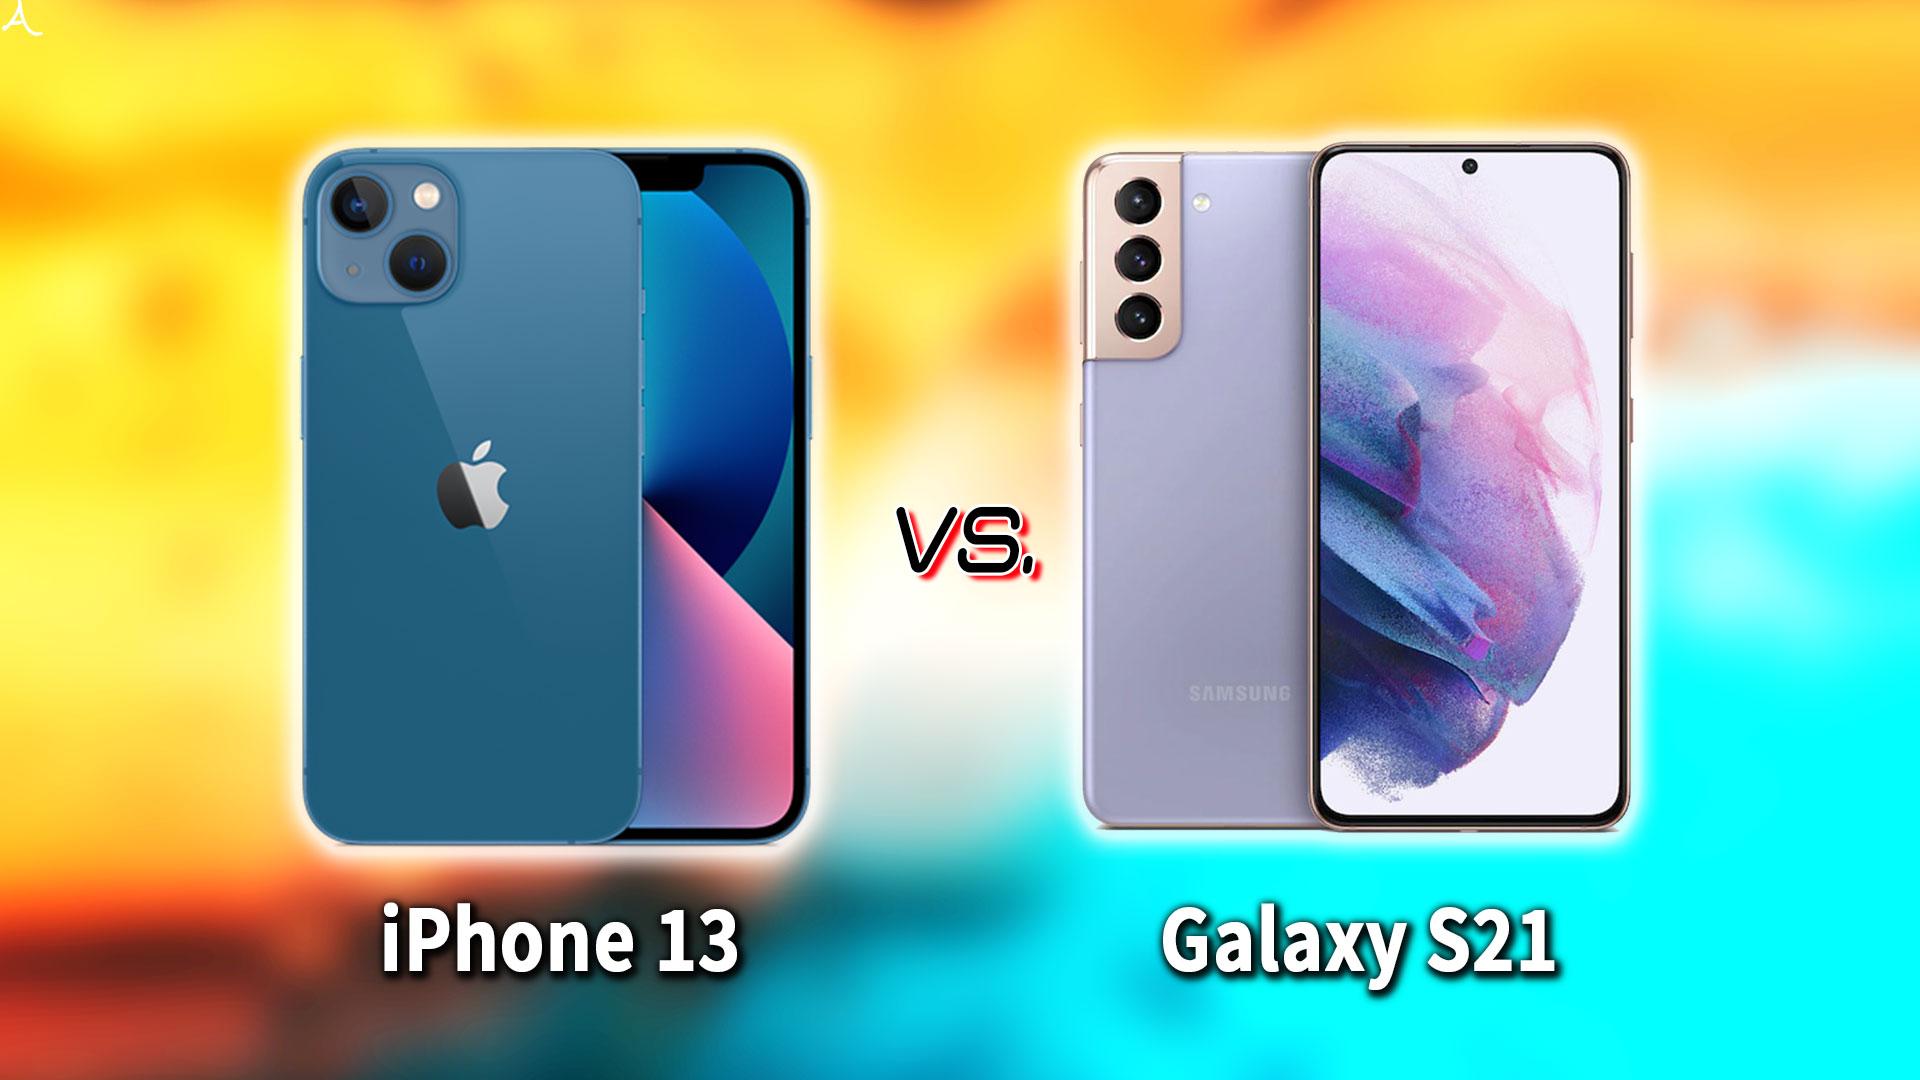 「iPhone 13」と「Galaxy S21」の違いを比較:どっちを買う?